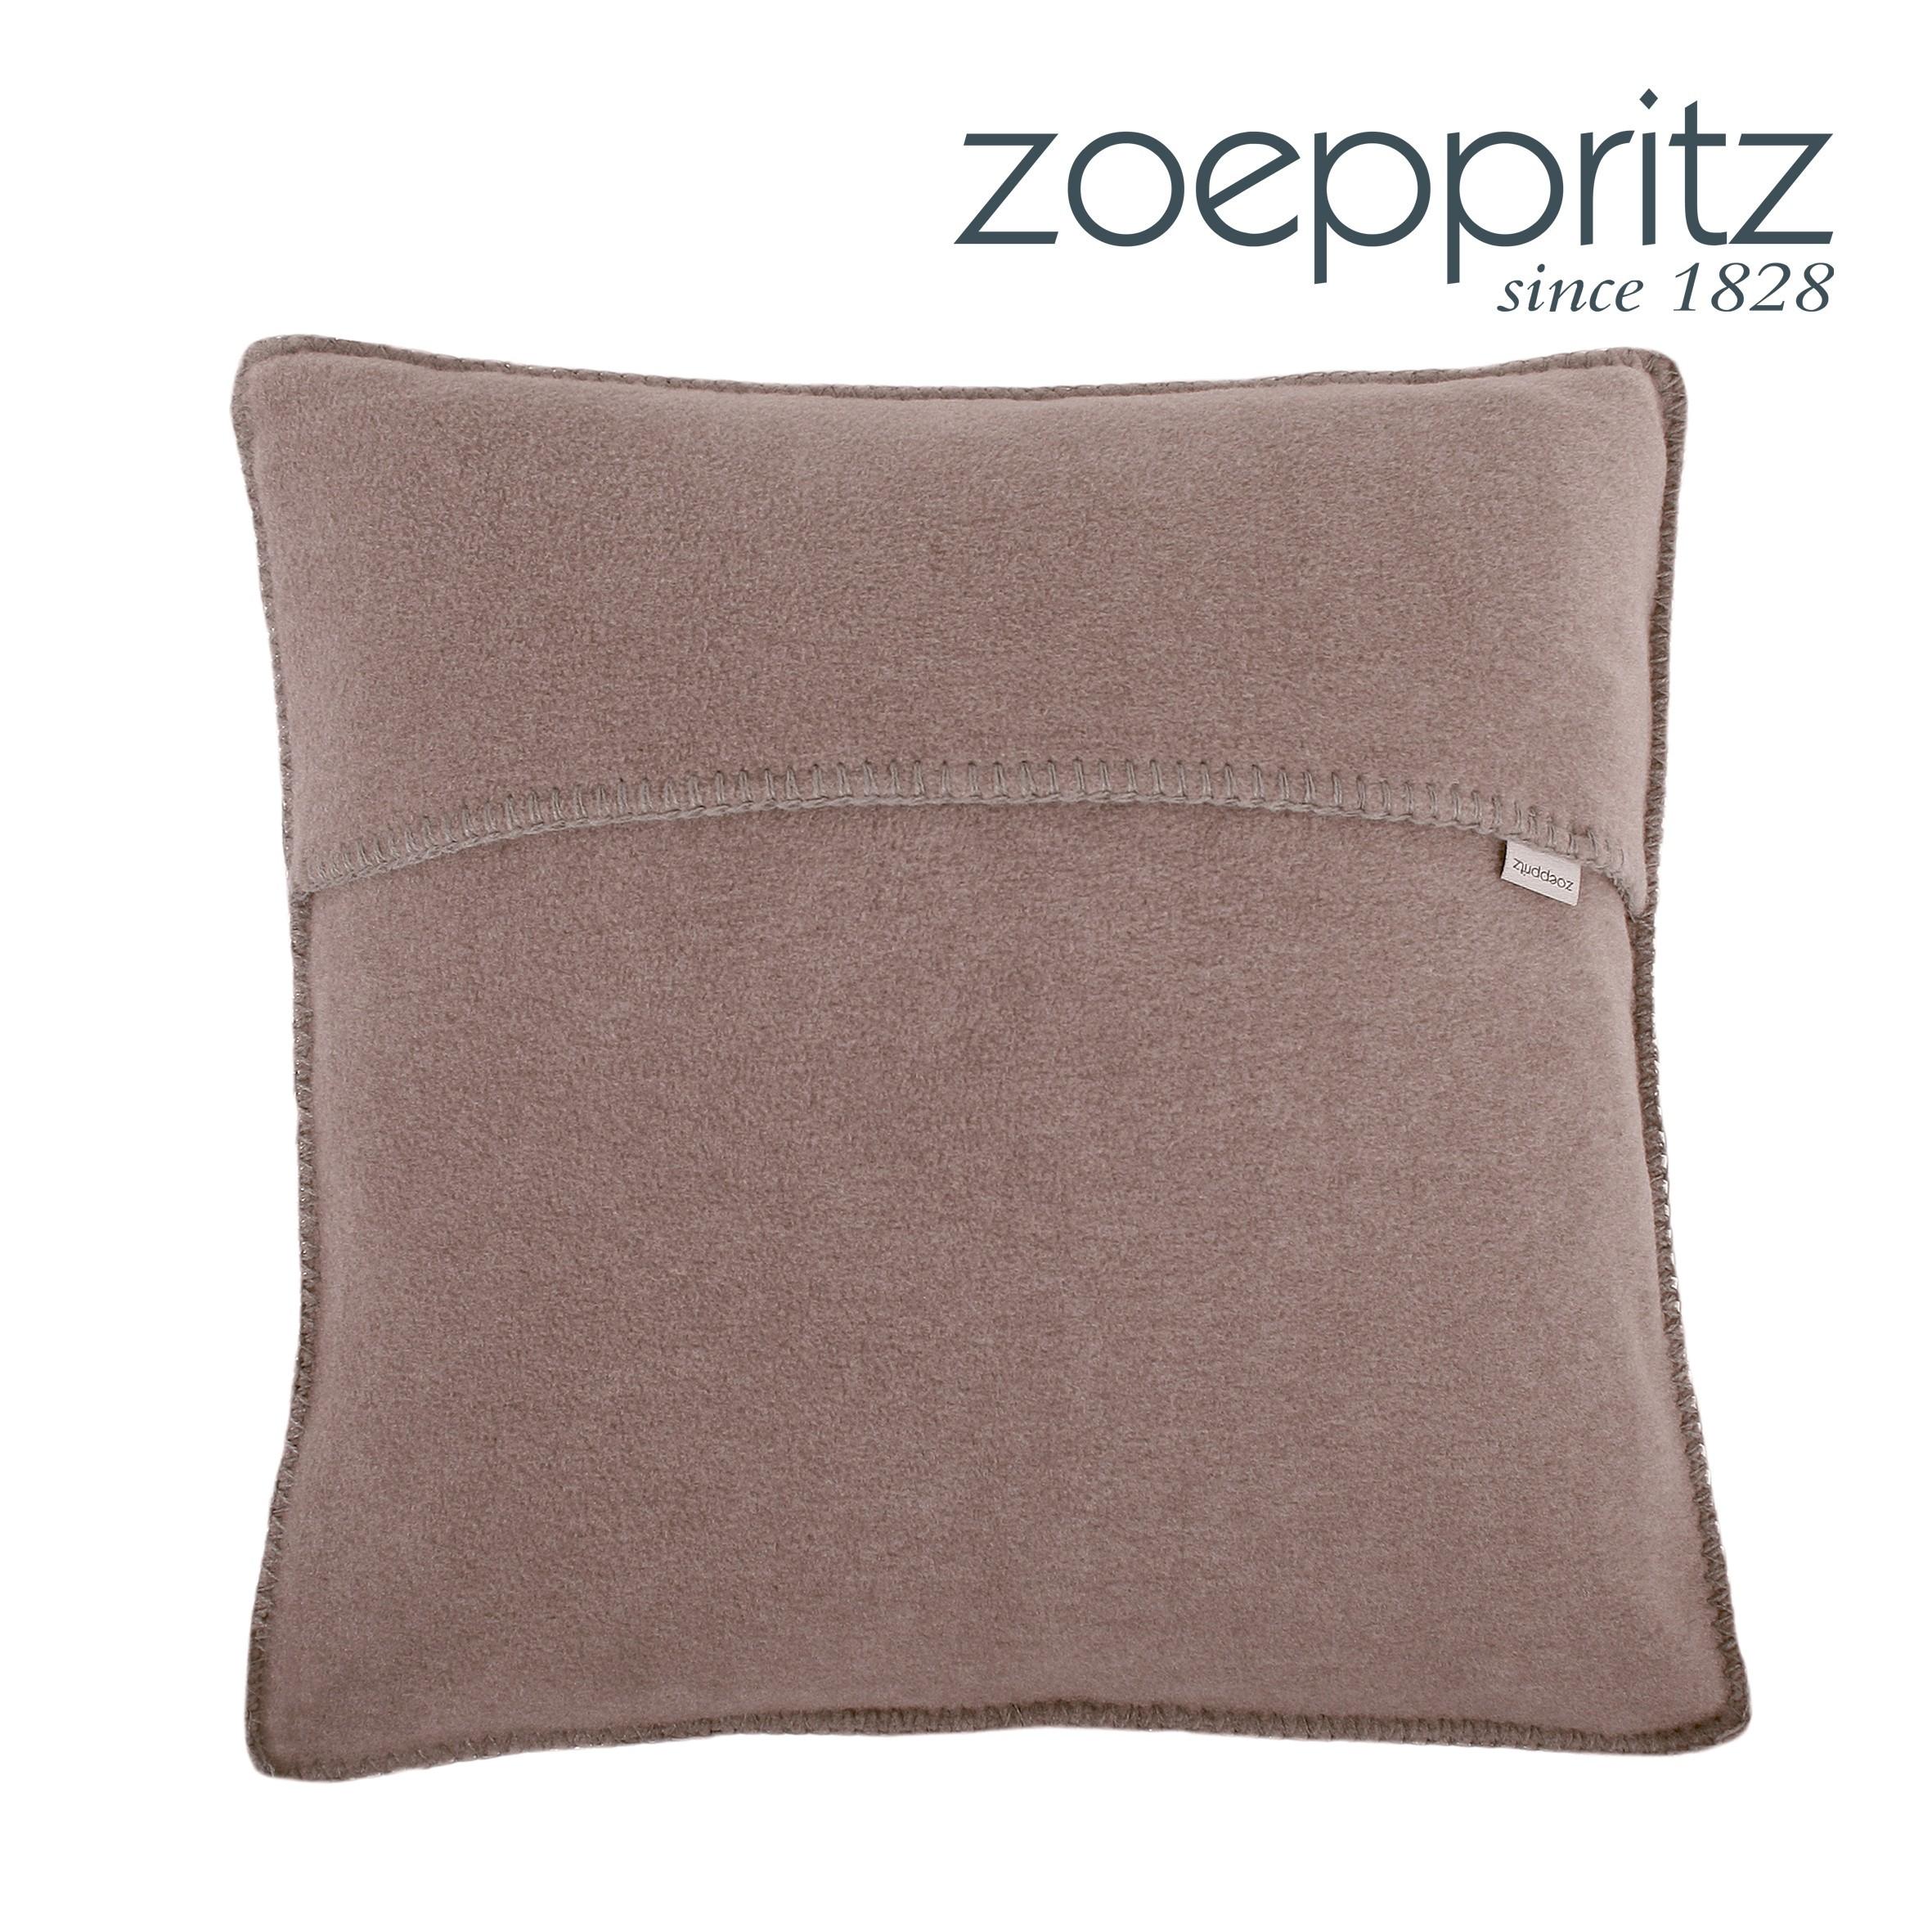 zoeppritz dekokissen soft fleece smoke dunkel. Black Bedroom Furniture Sets. Home Design Ideas